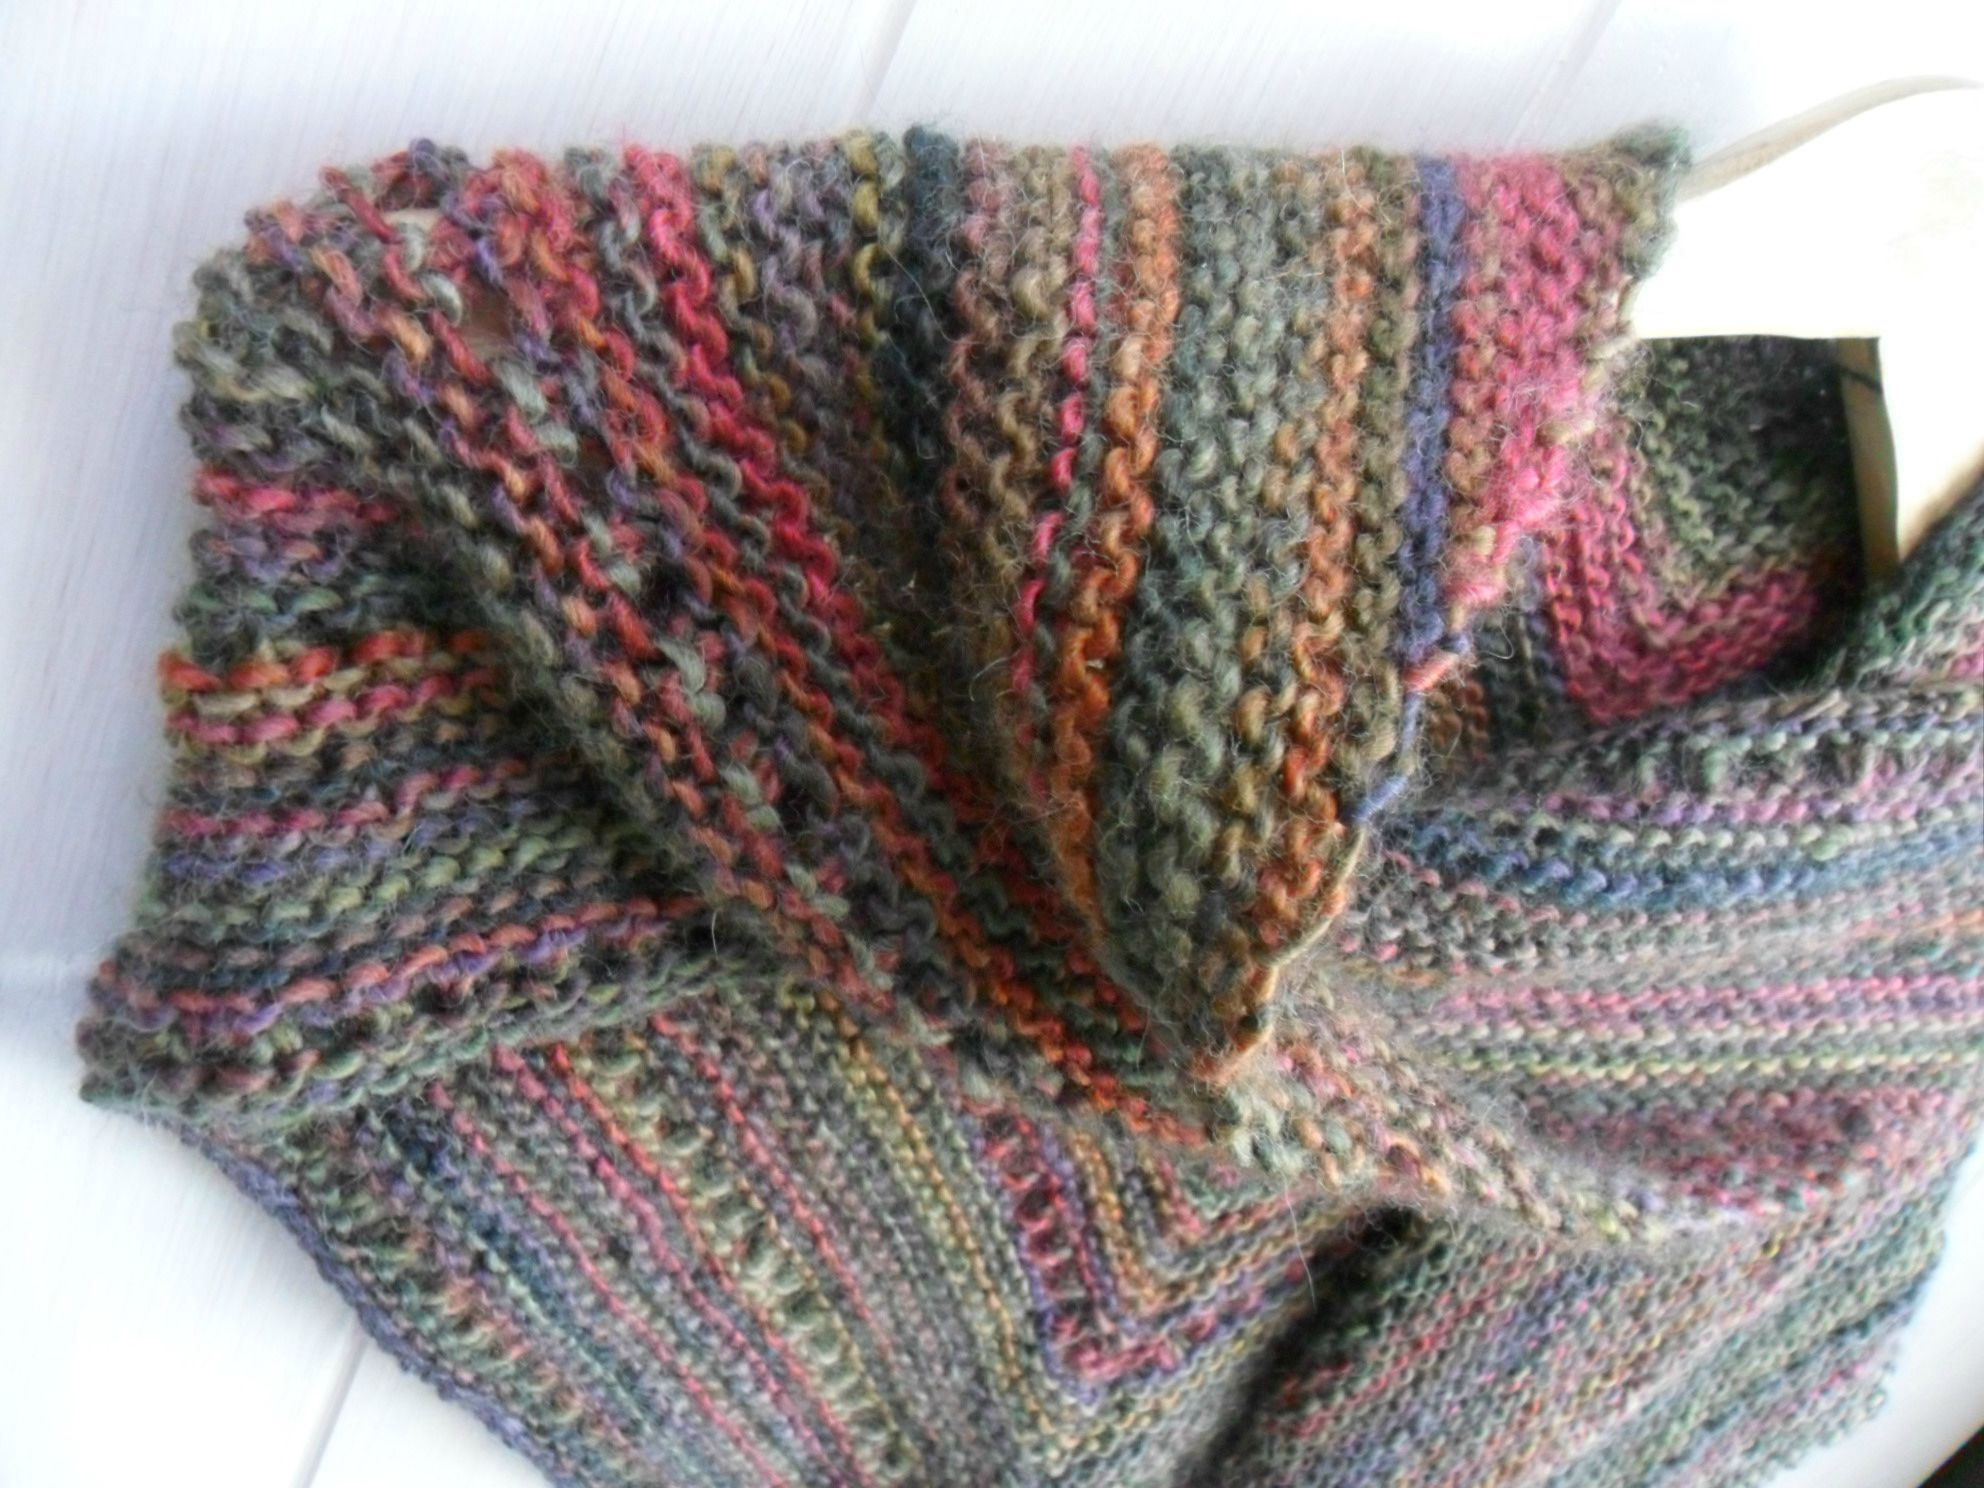 Tricoter un chale facile tricot knitting pinterest - Tricoter un plaid facile ...